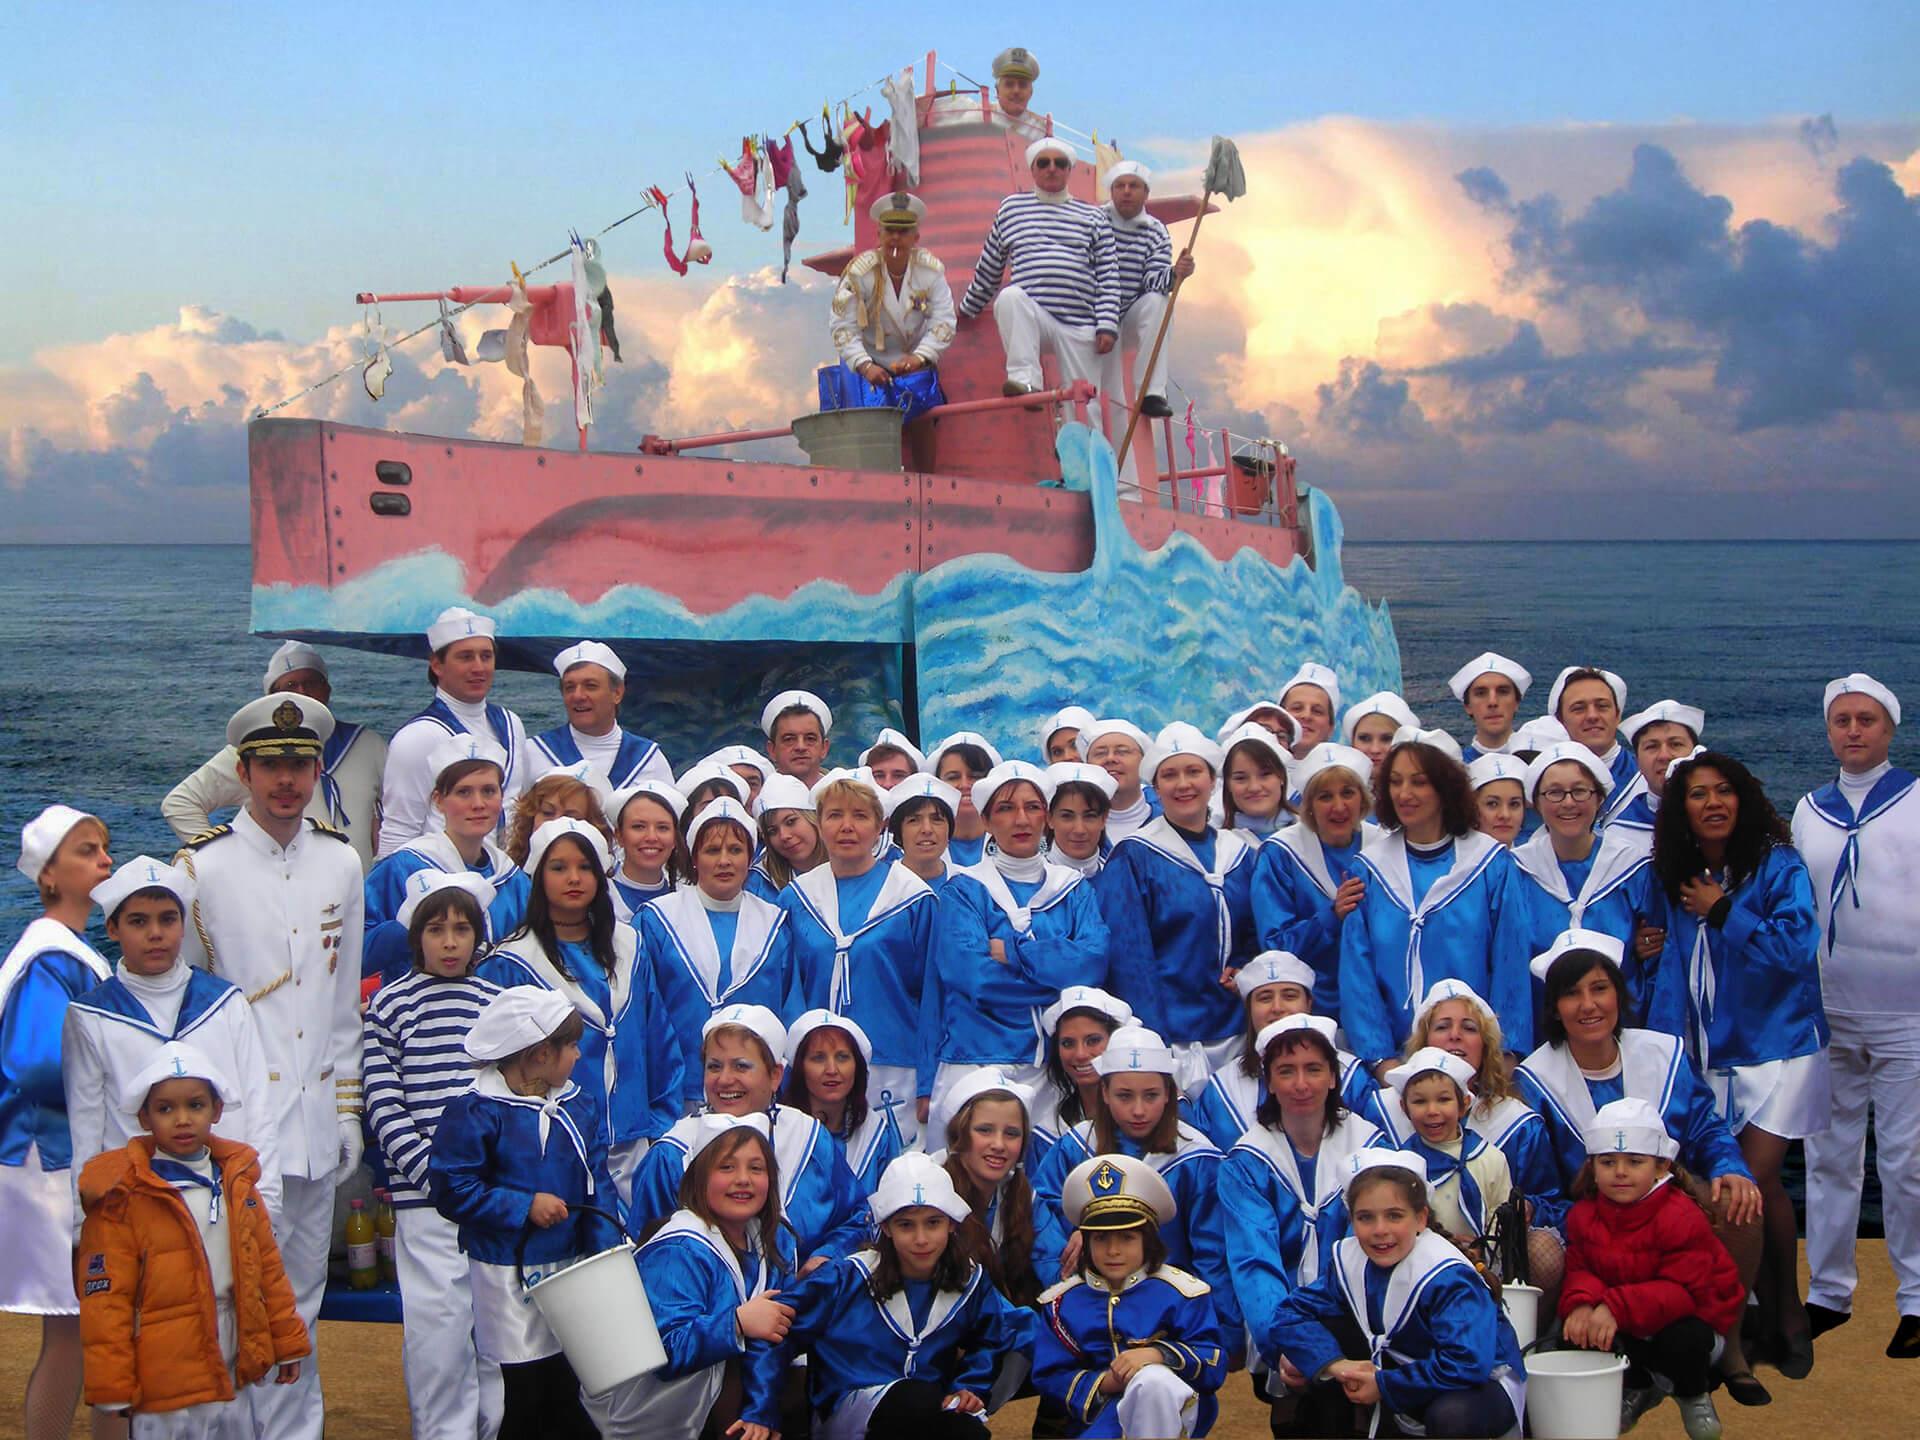 Operazione Sottoveste 2008 Gruppo Carnevalesco